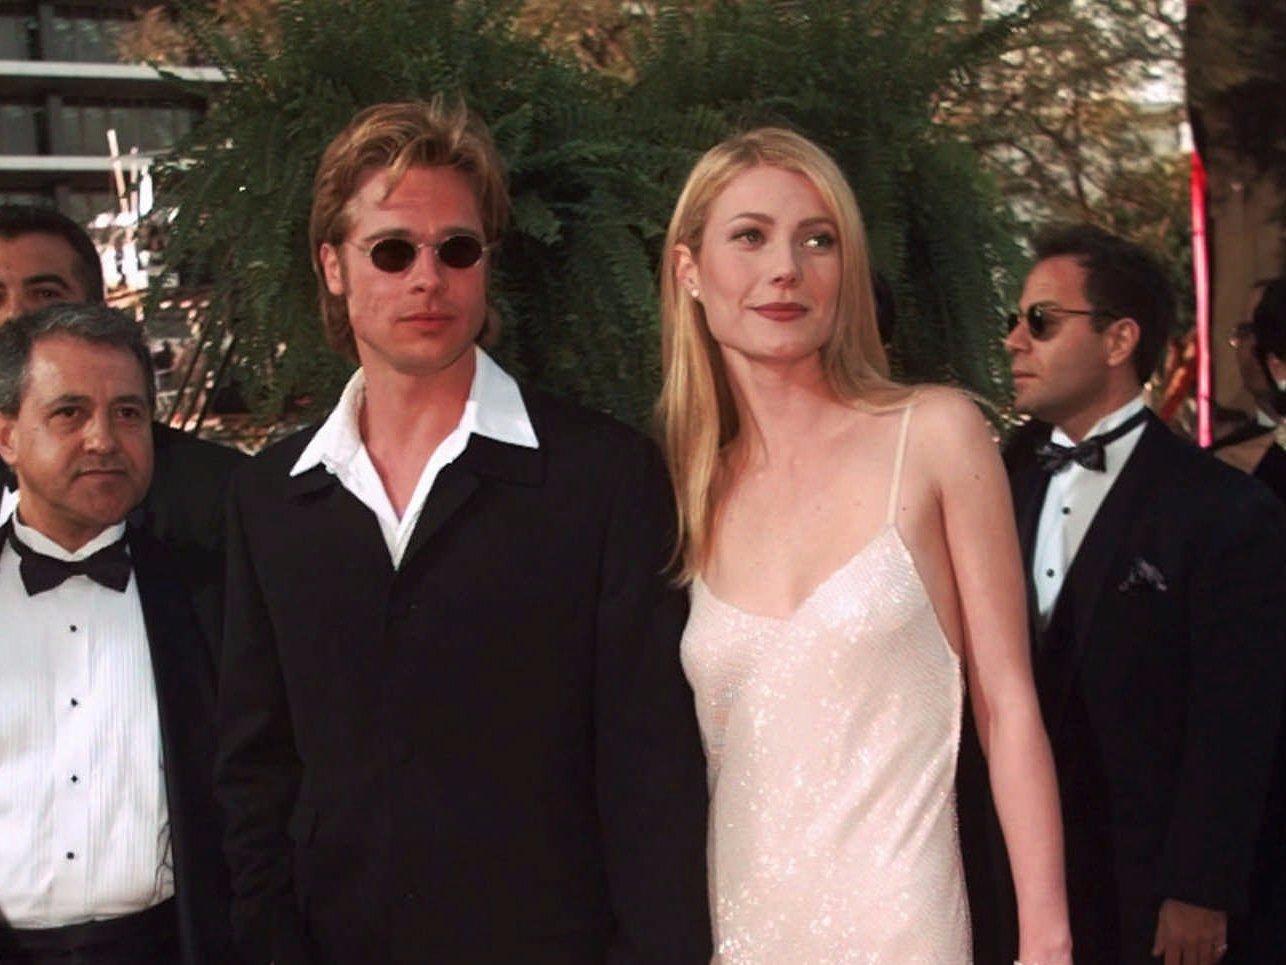 Brad Pitt and Gwyneth